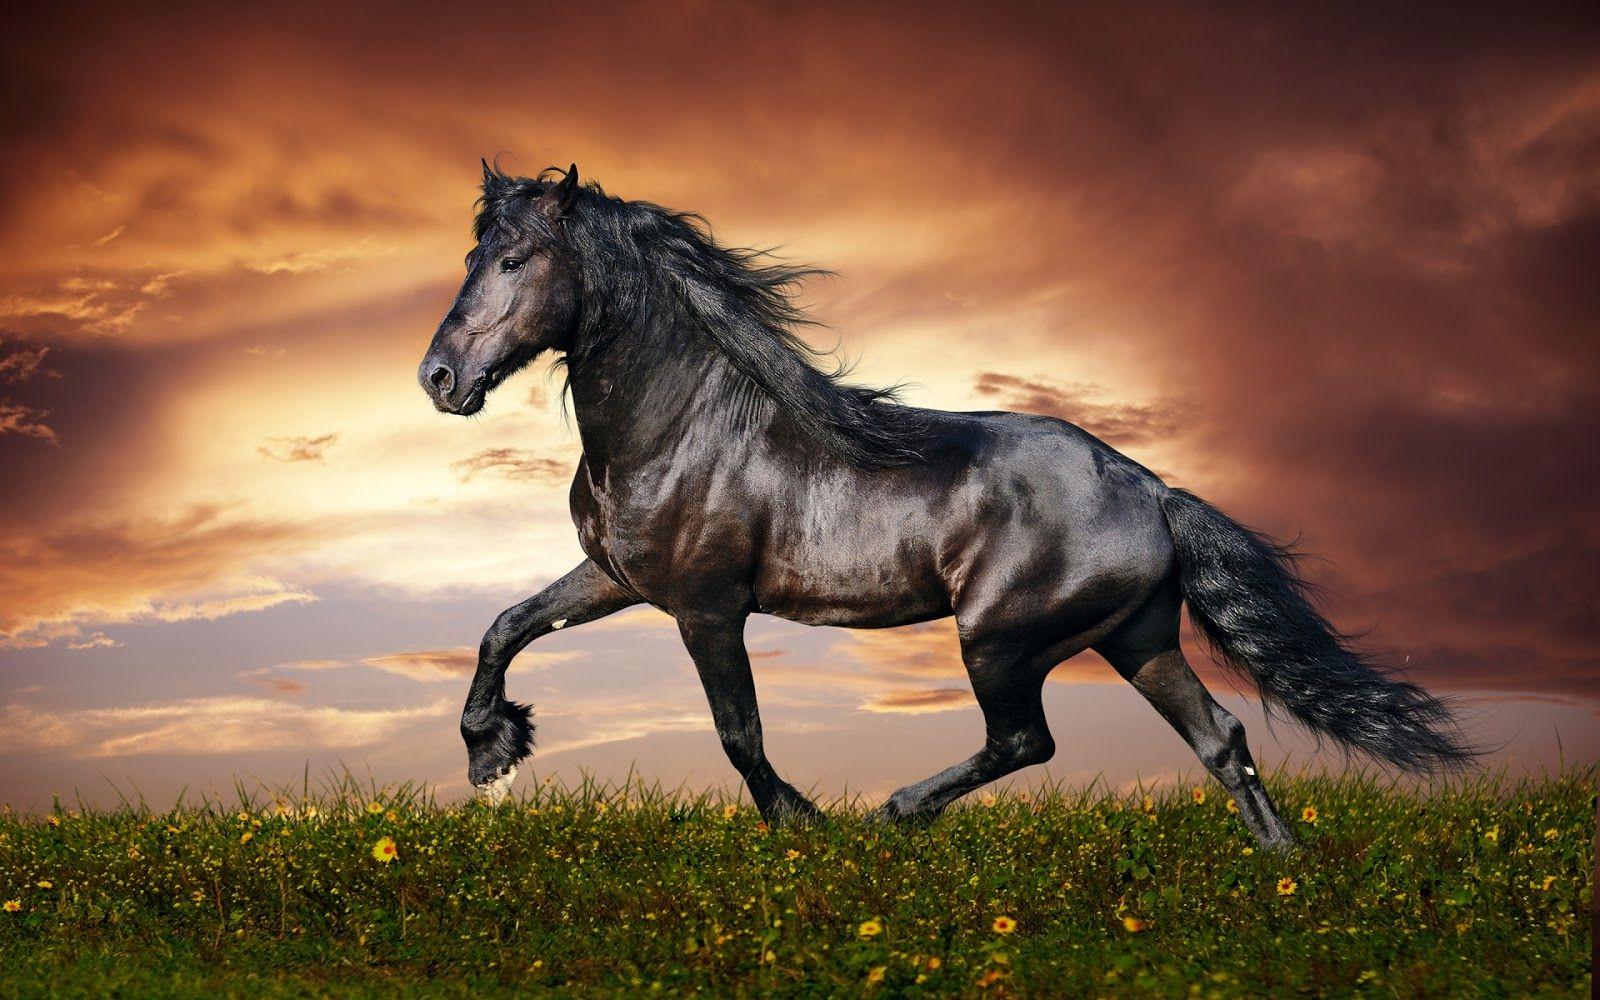 Must see Wallpaper Horse Laptop - c558f46055be29dc8619eb9f2a11f9f8  HD_833020.jpg